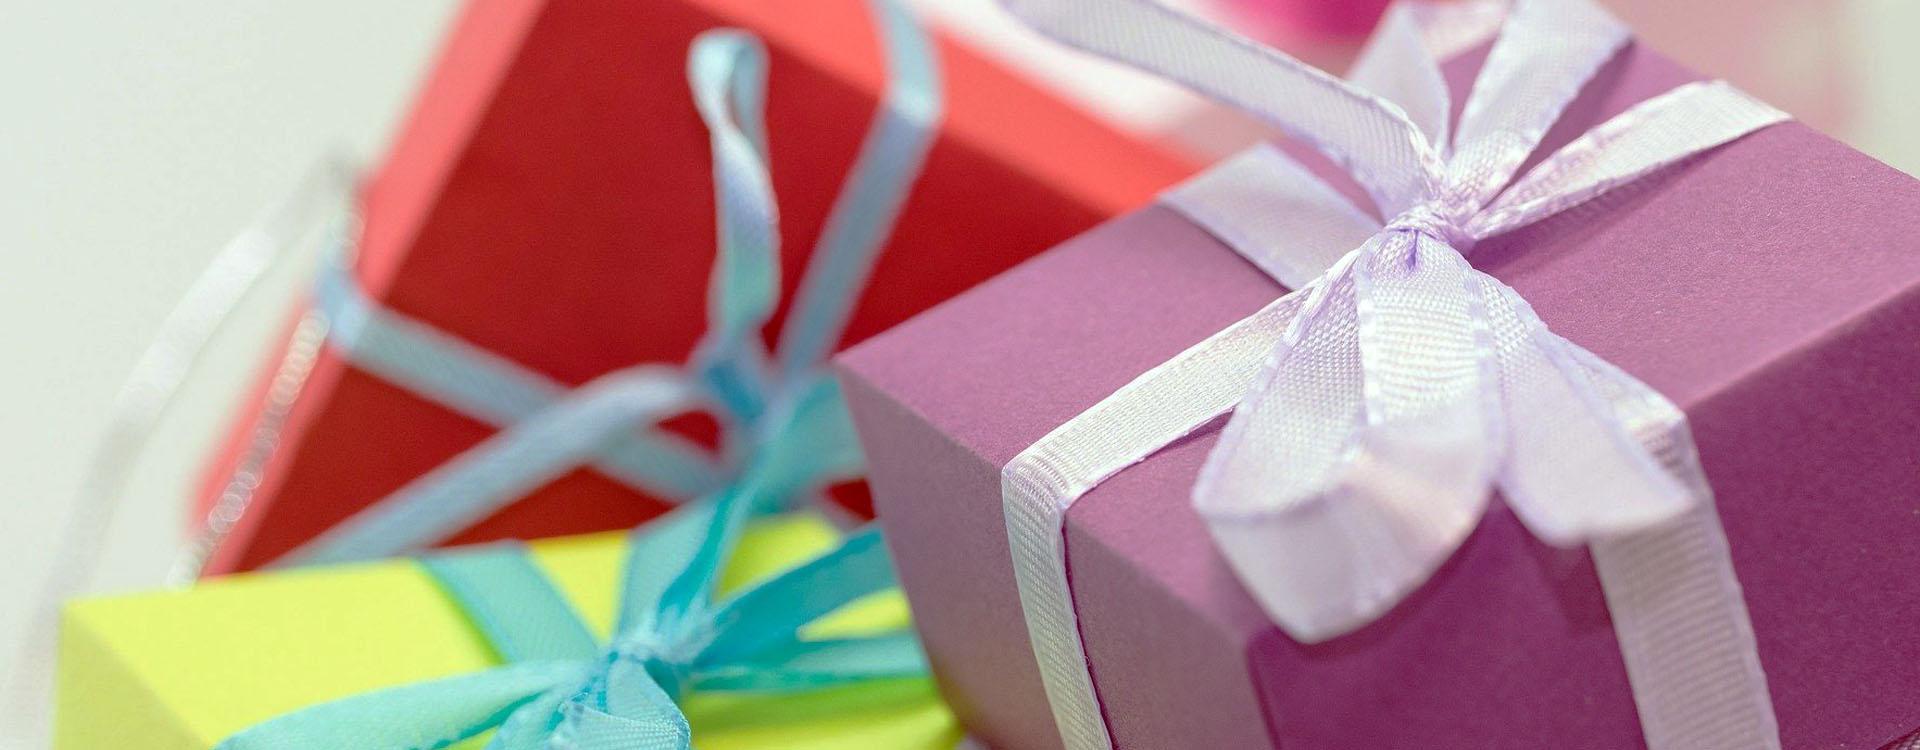 Zu jedem Anlass das schönste Geschenk